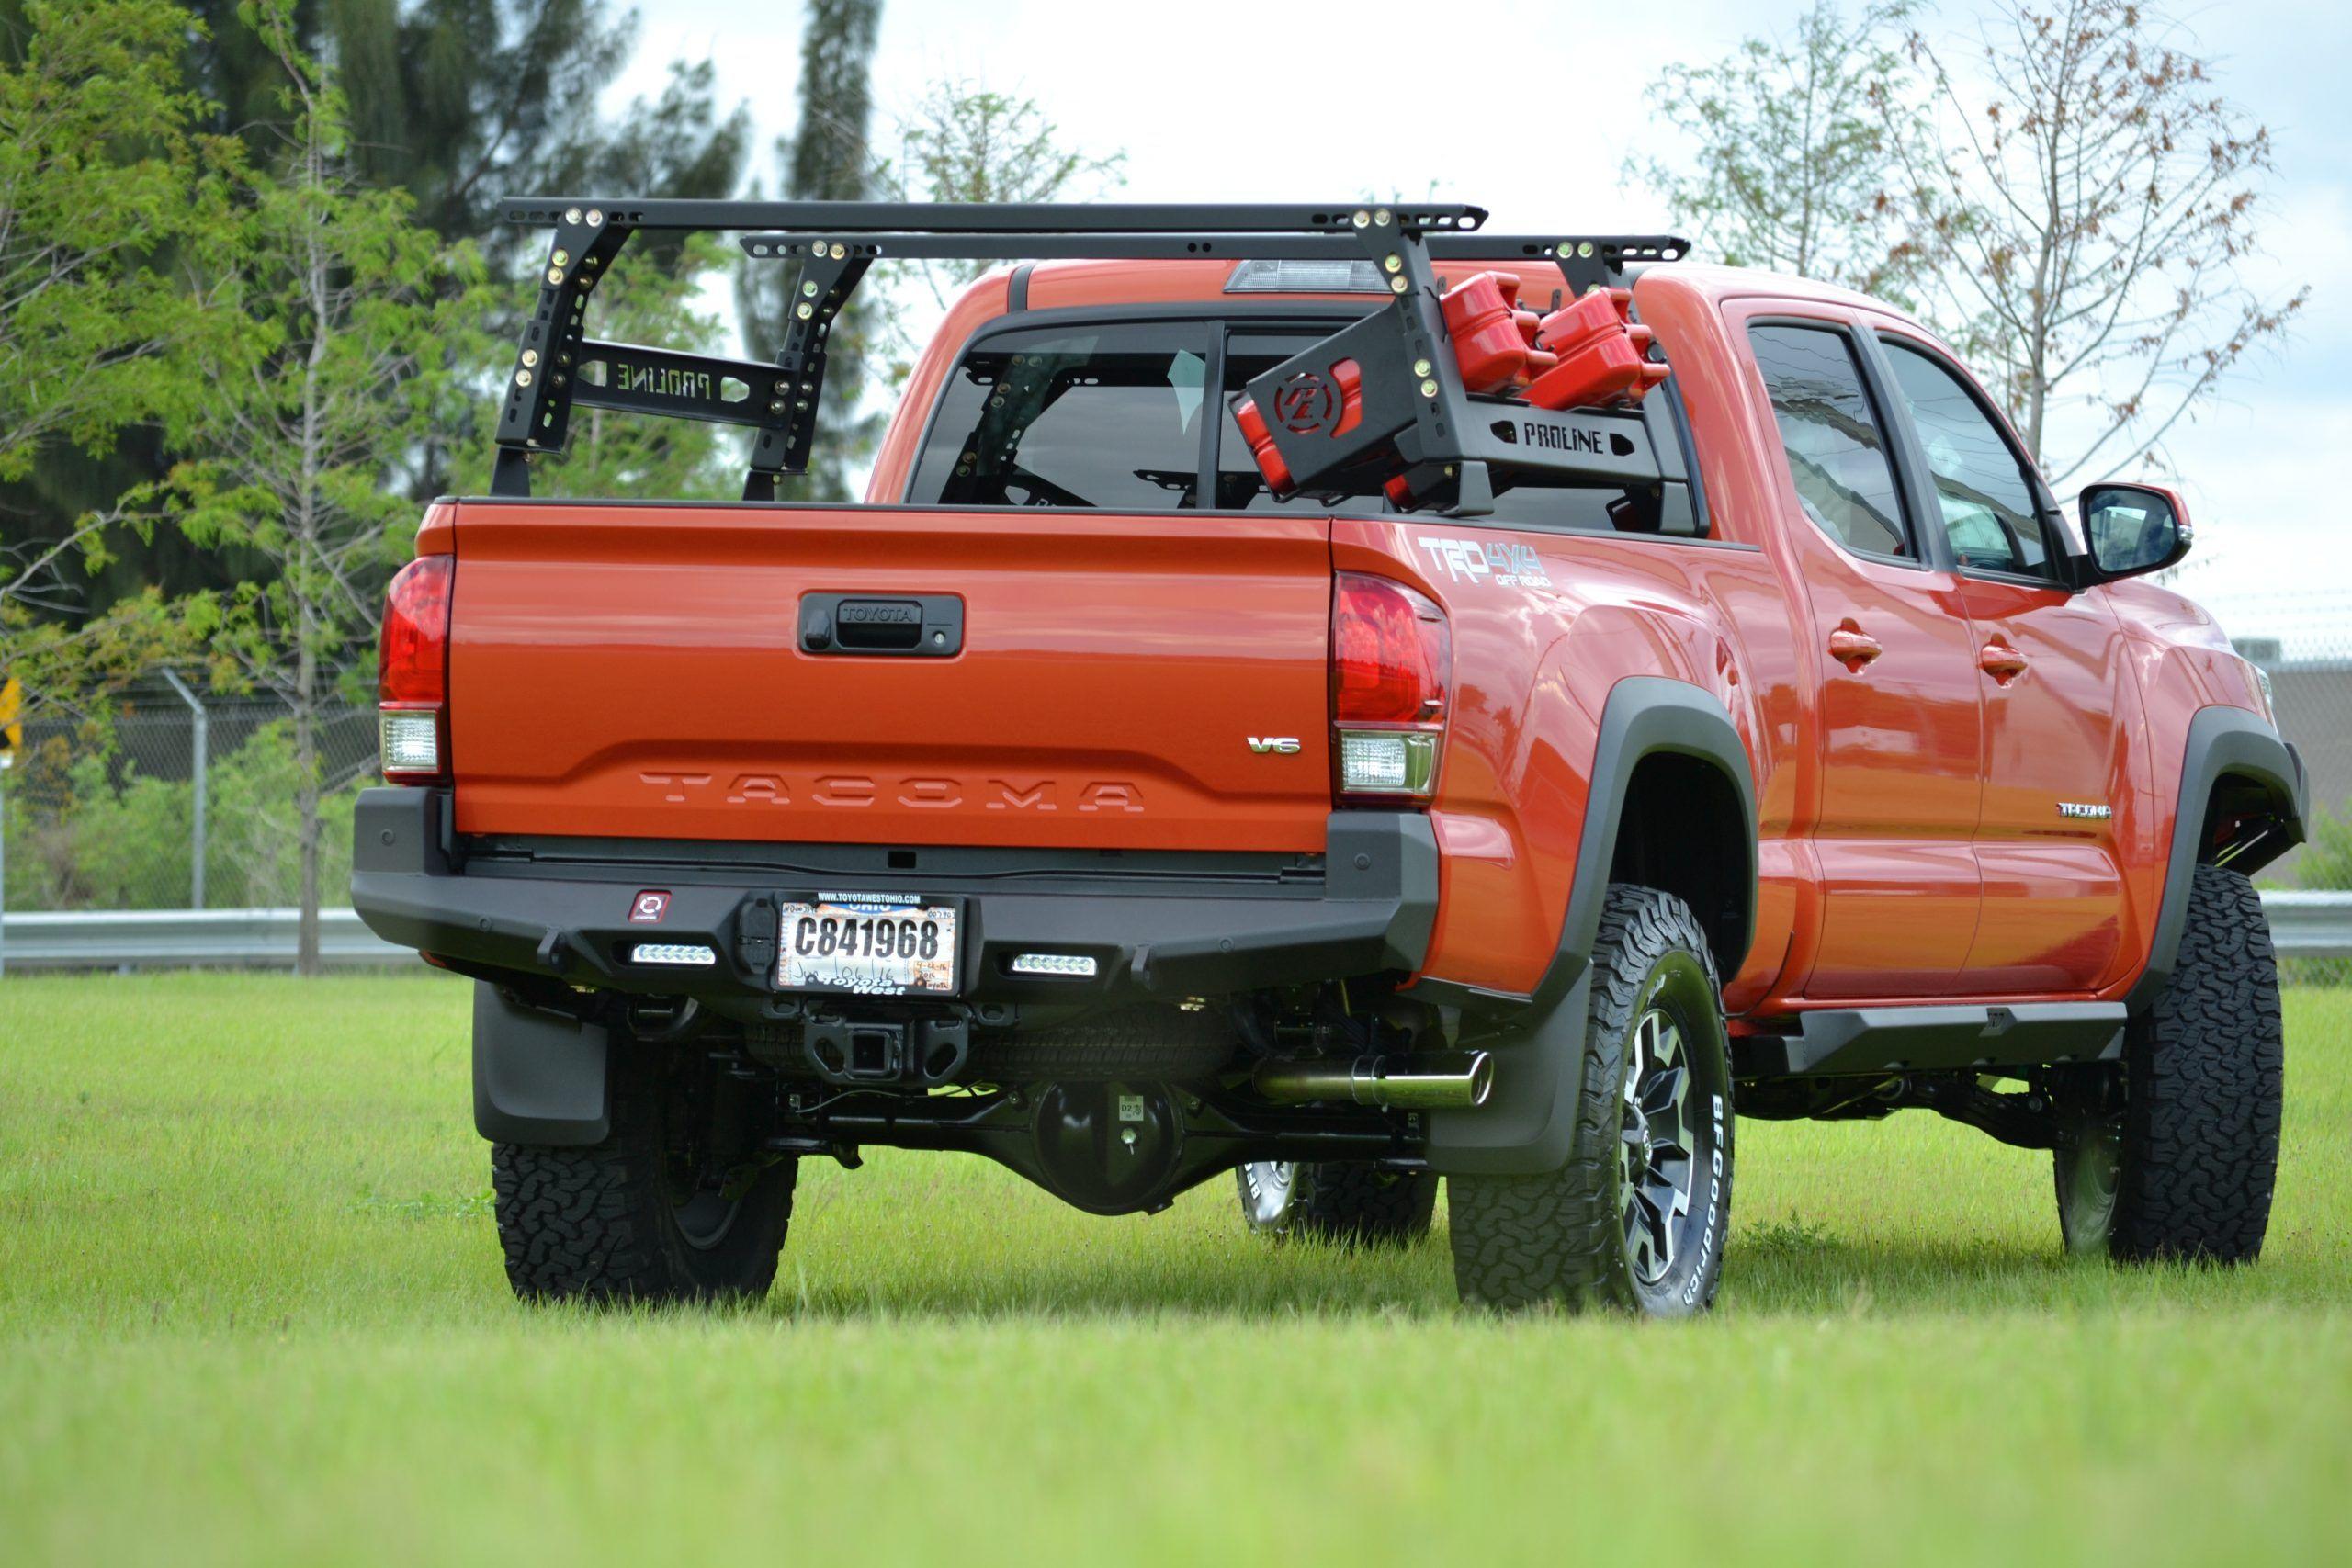 Adjustable bed rack (fit most pick up trucks) Proline